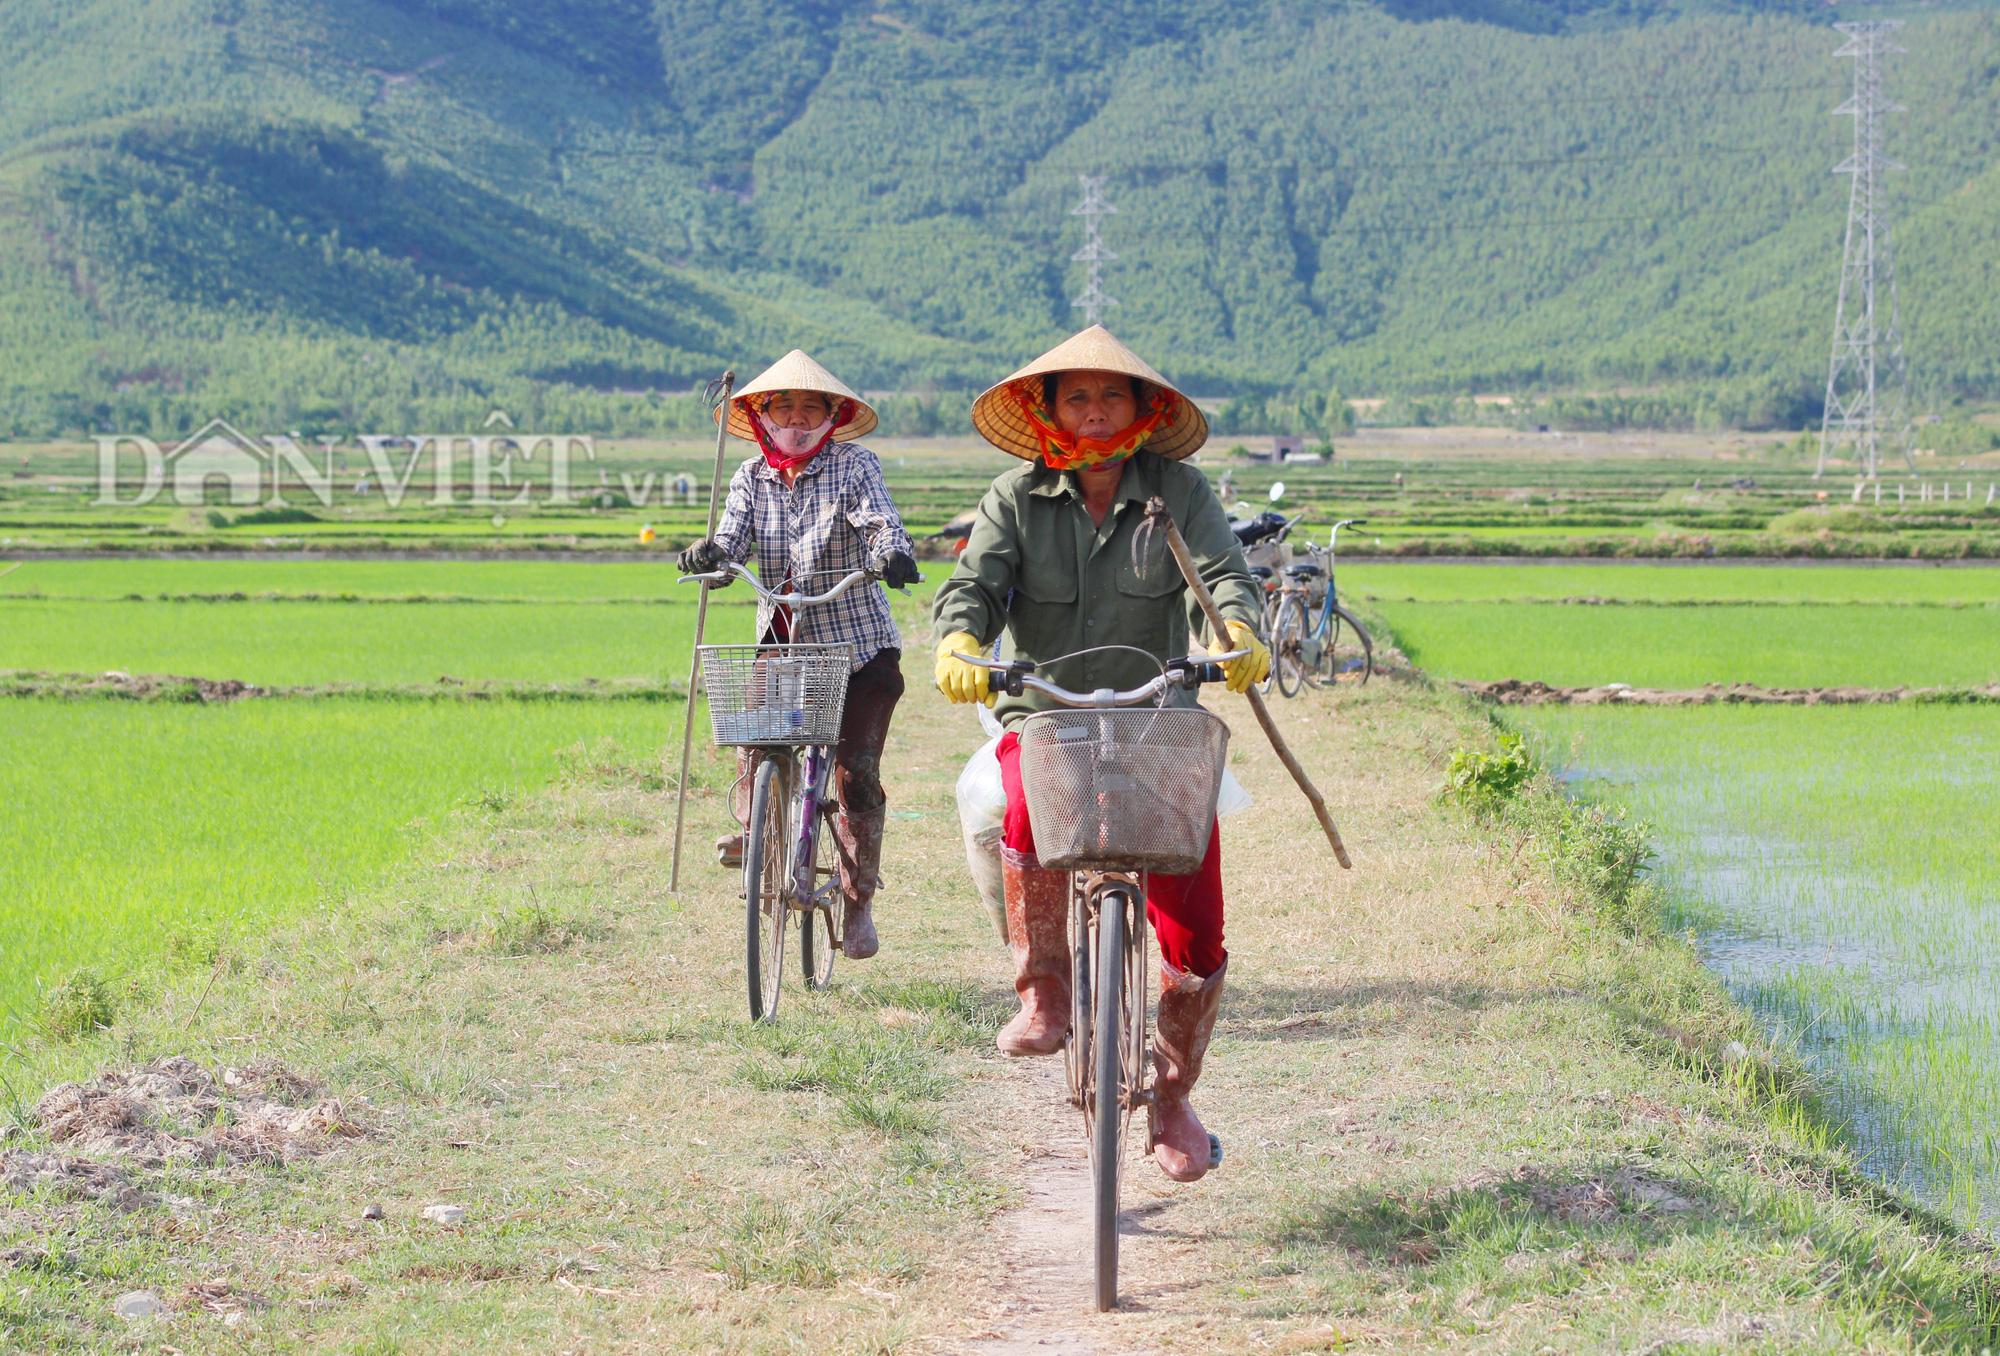 """Quảng Bình: Nông dân vật vã ra đồng dưới cái  nắng """"như đổ lửa""""  - Ảnh 1."""